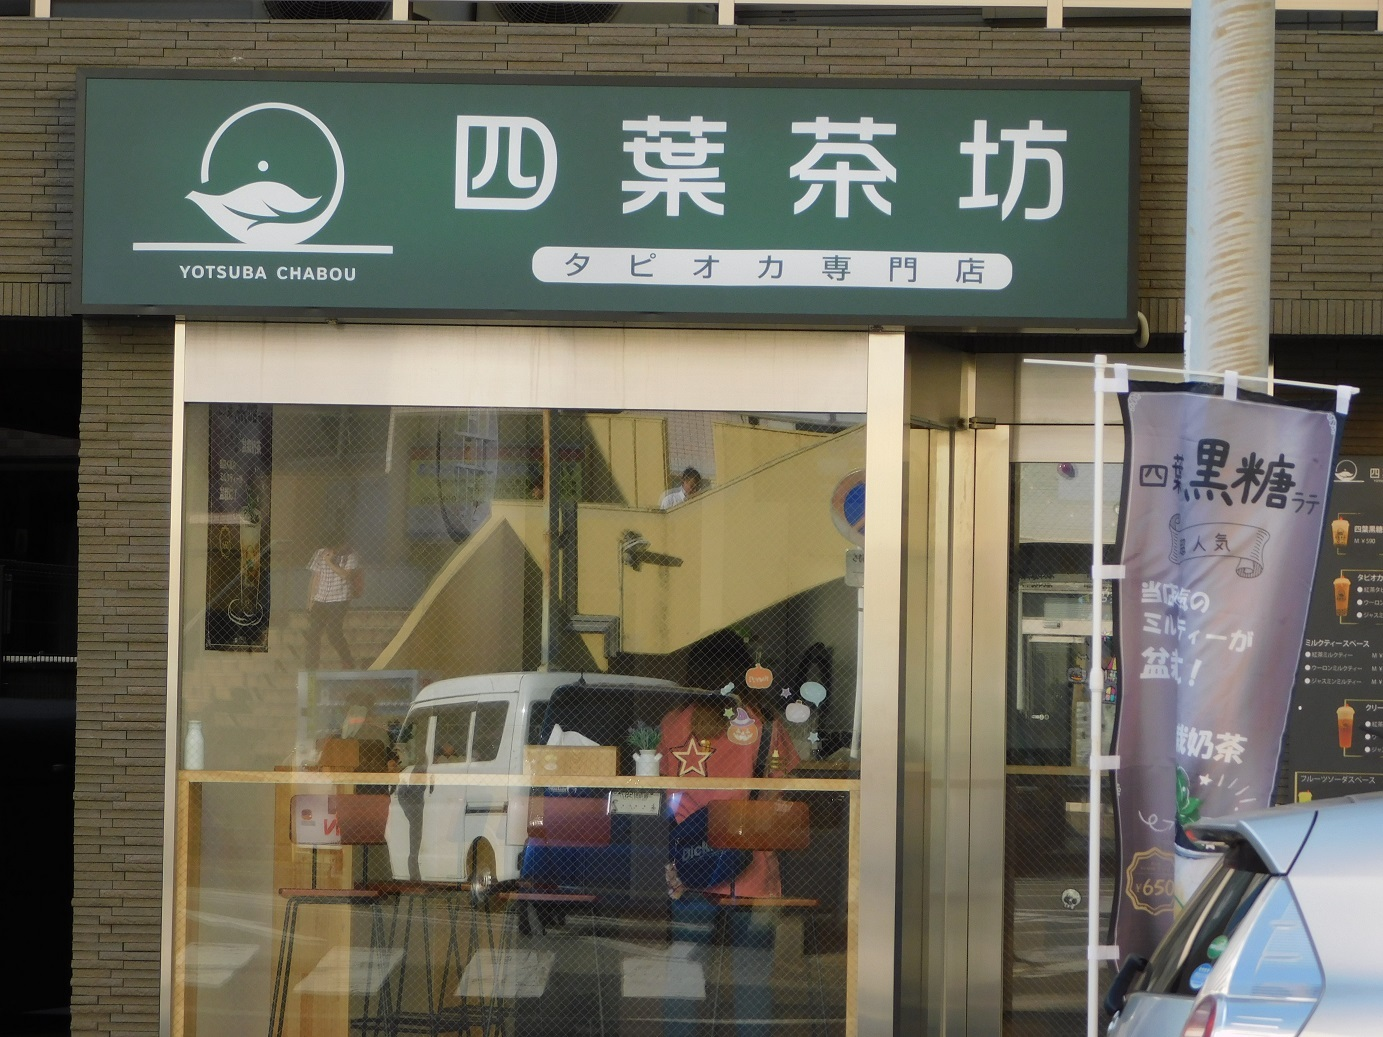 DddsdsSCN6448.jpg